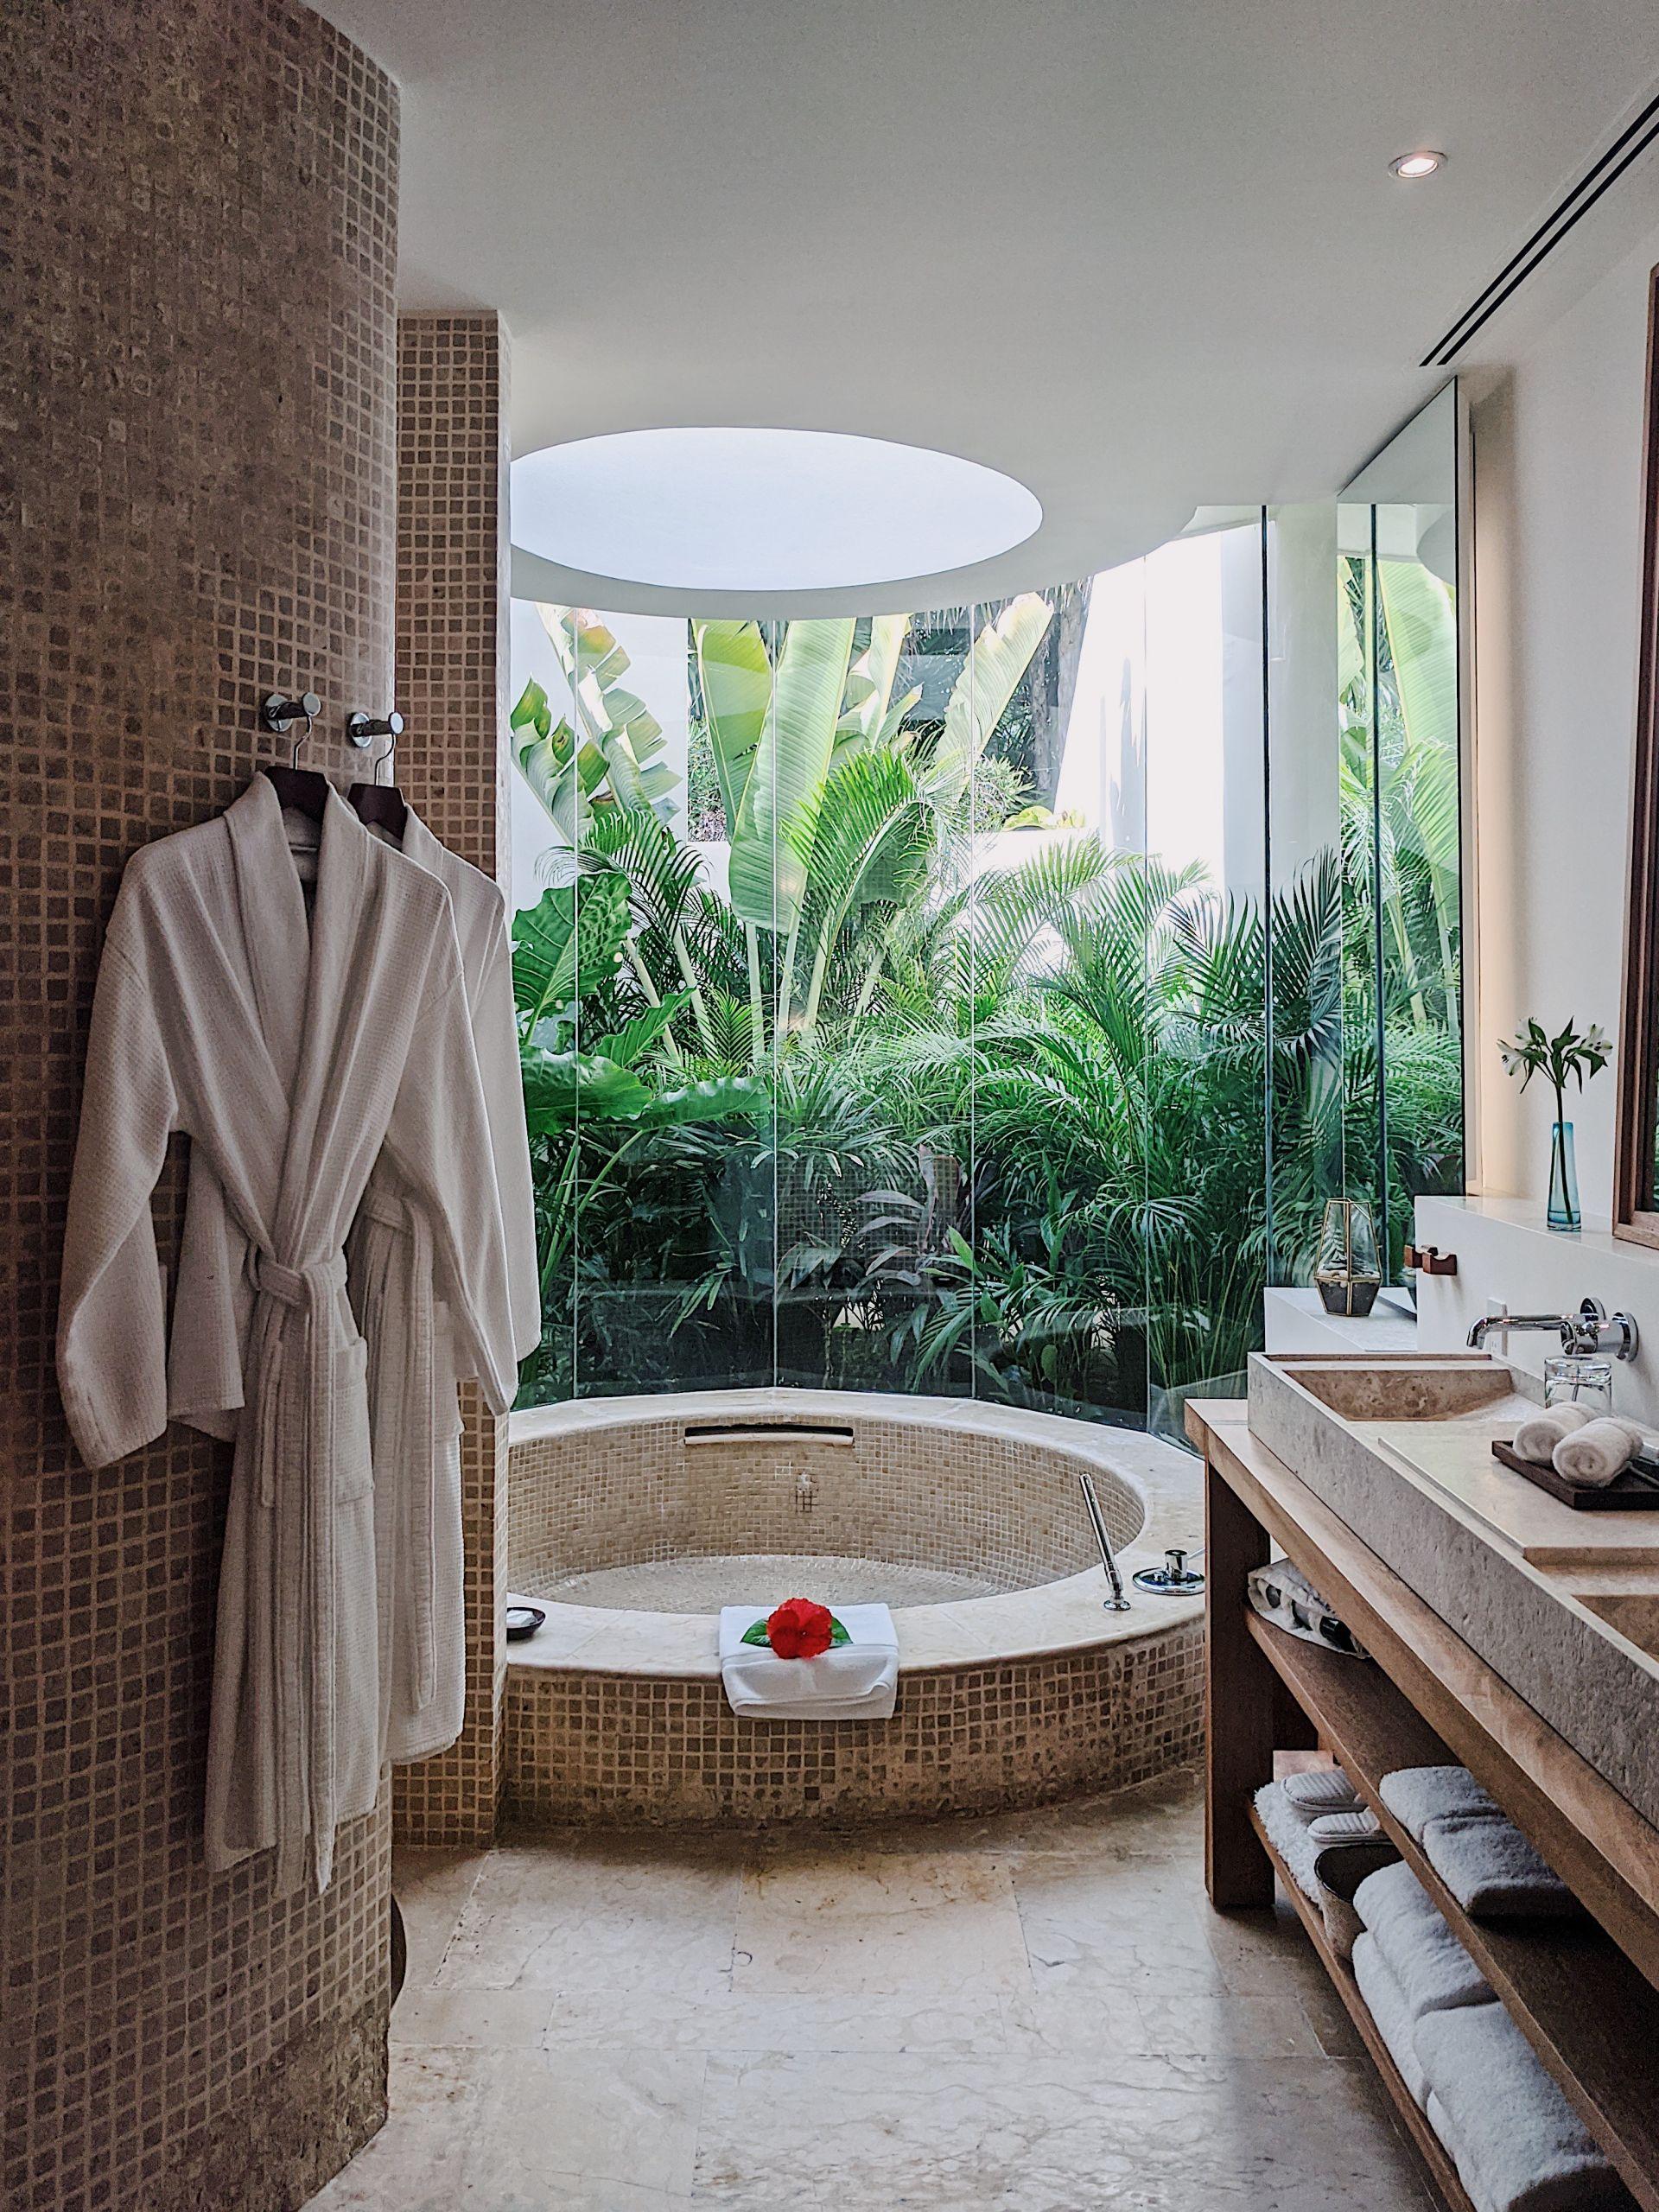 Bathroom at Rosewood Mayakoba